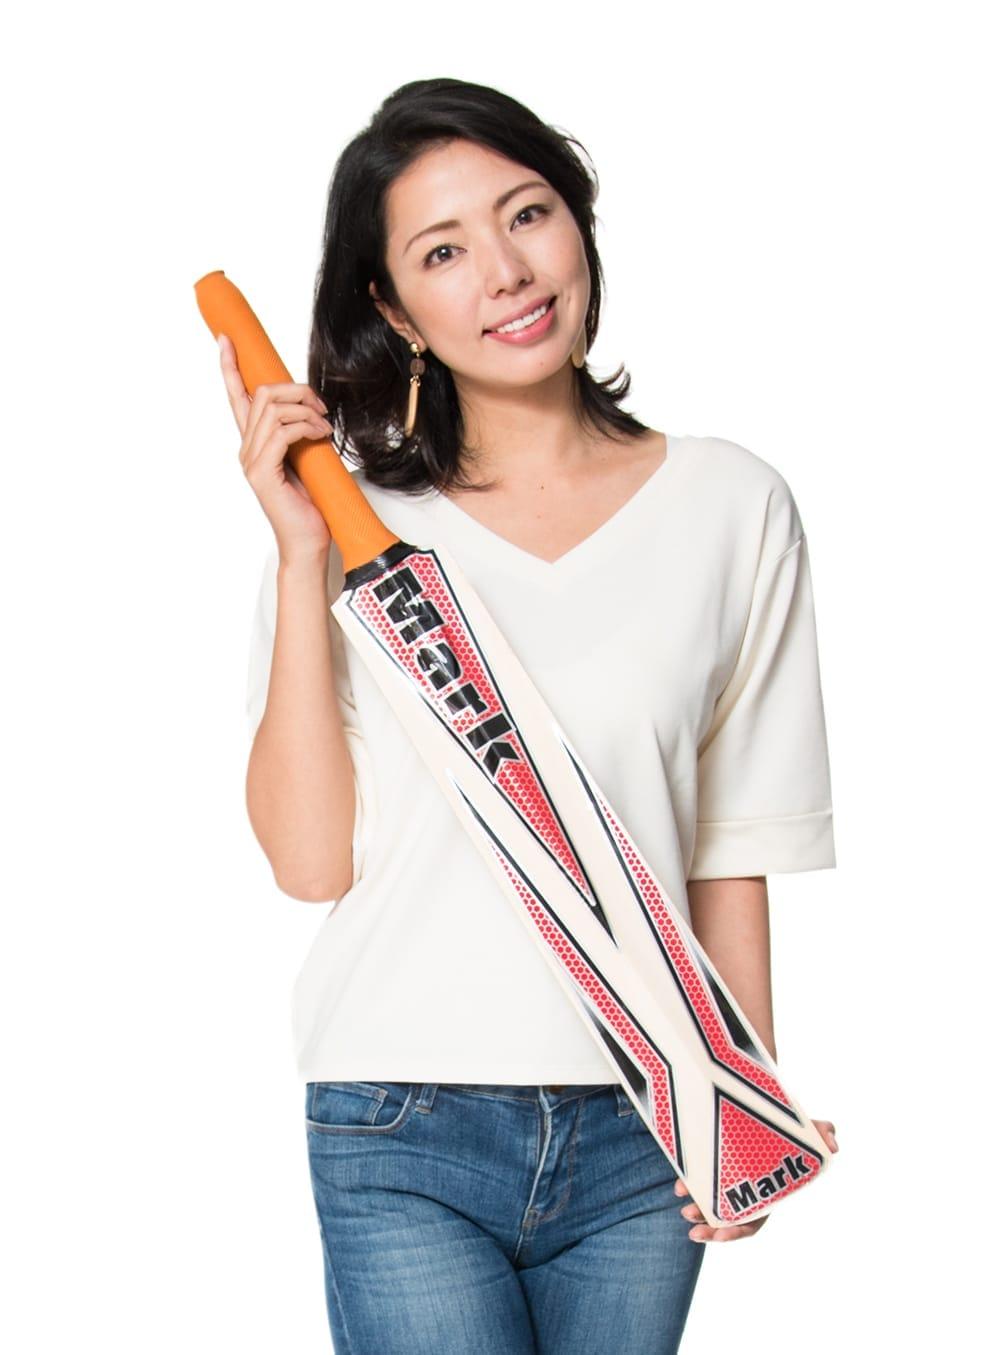 クリケットバット - Mark 100 series 11 - 類似品を、モデルさんに持ってもらったところです。